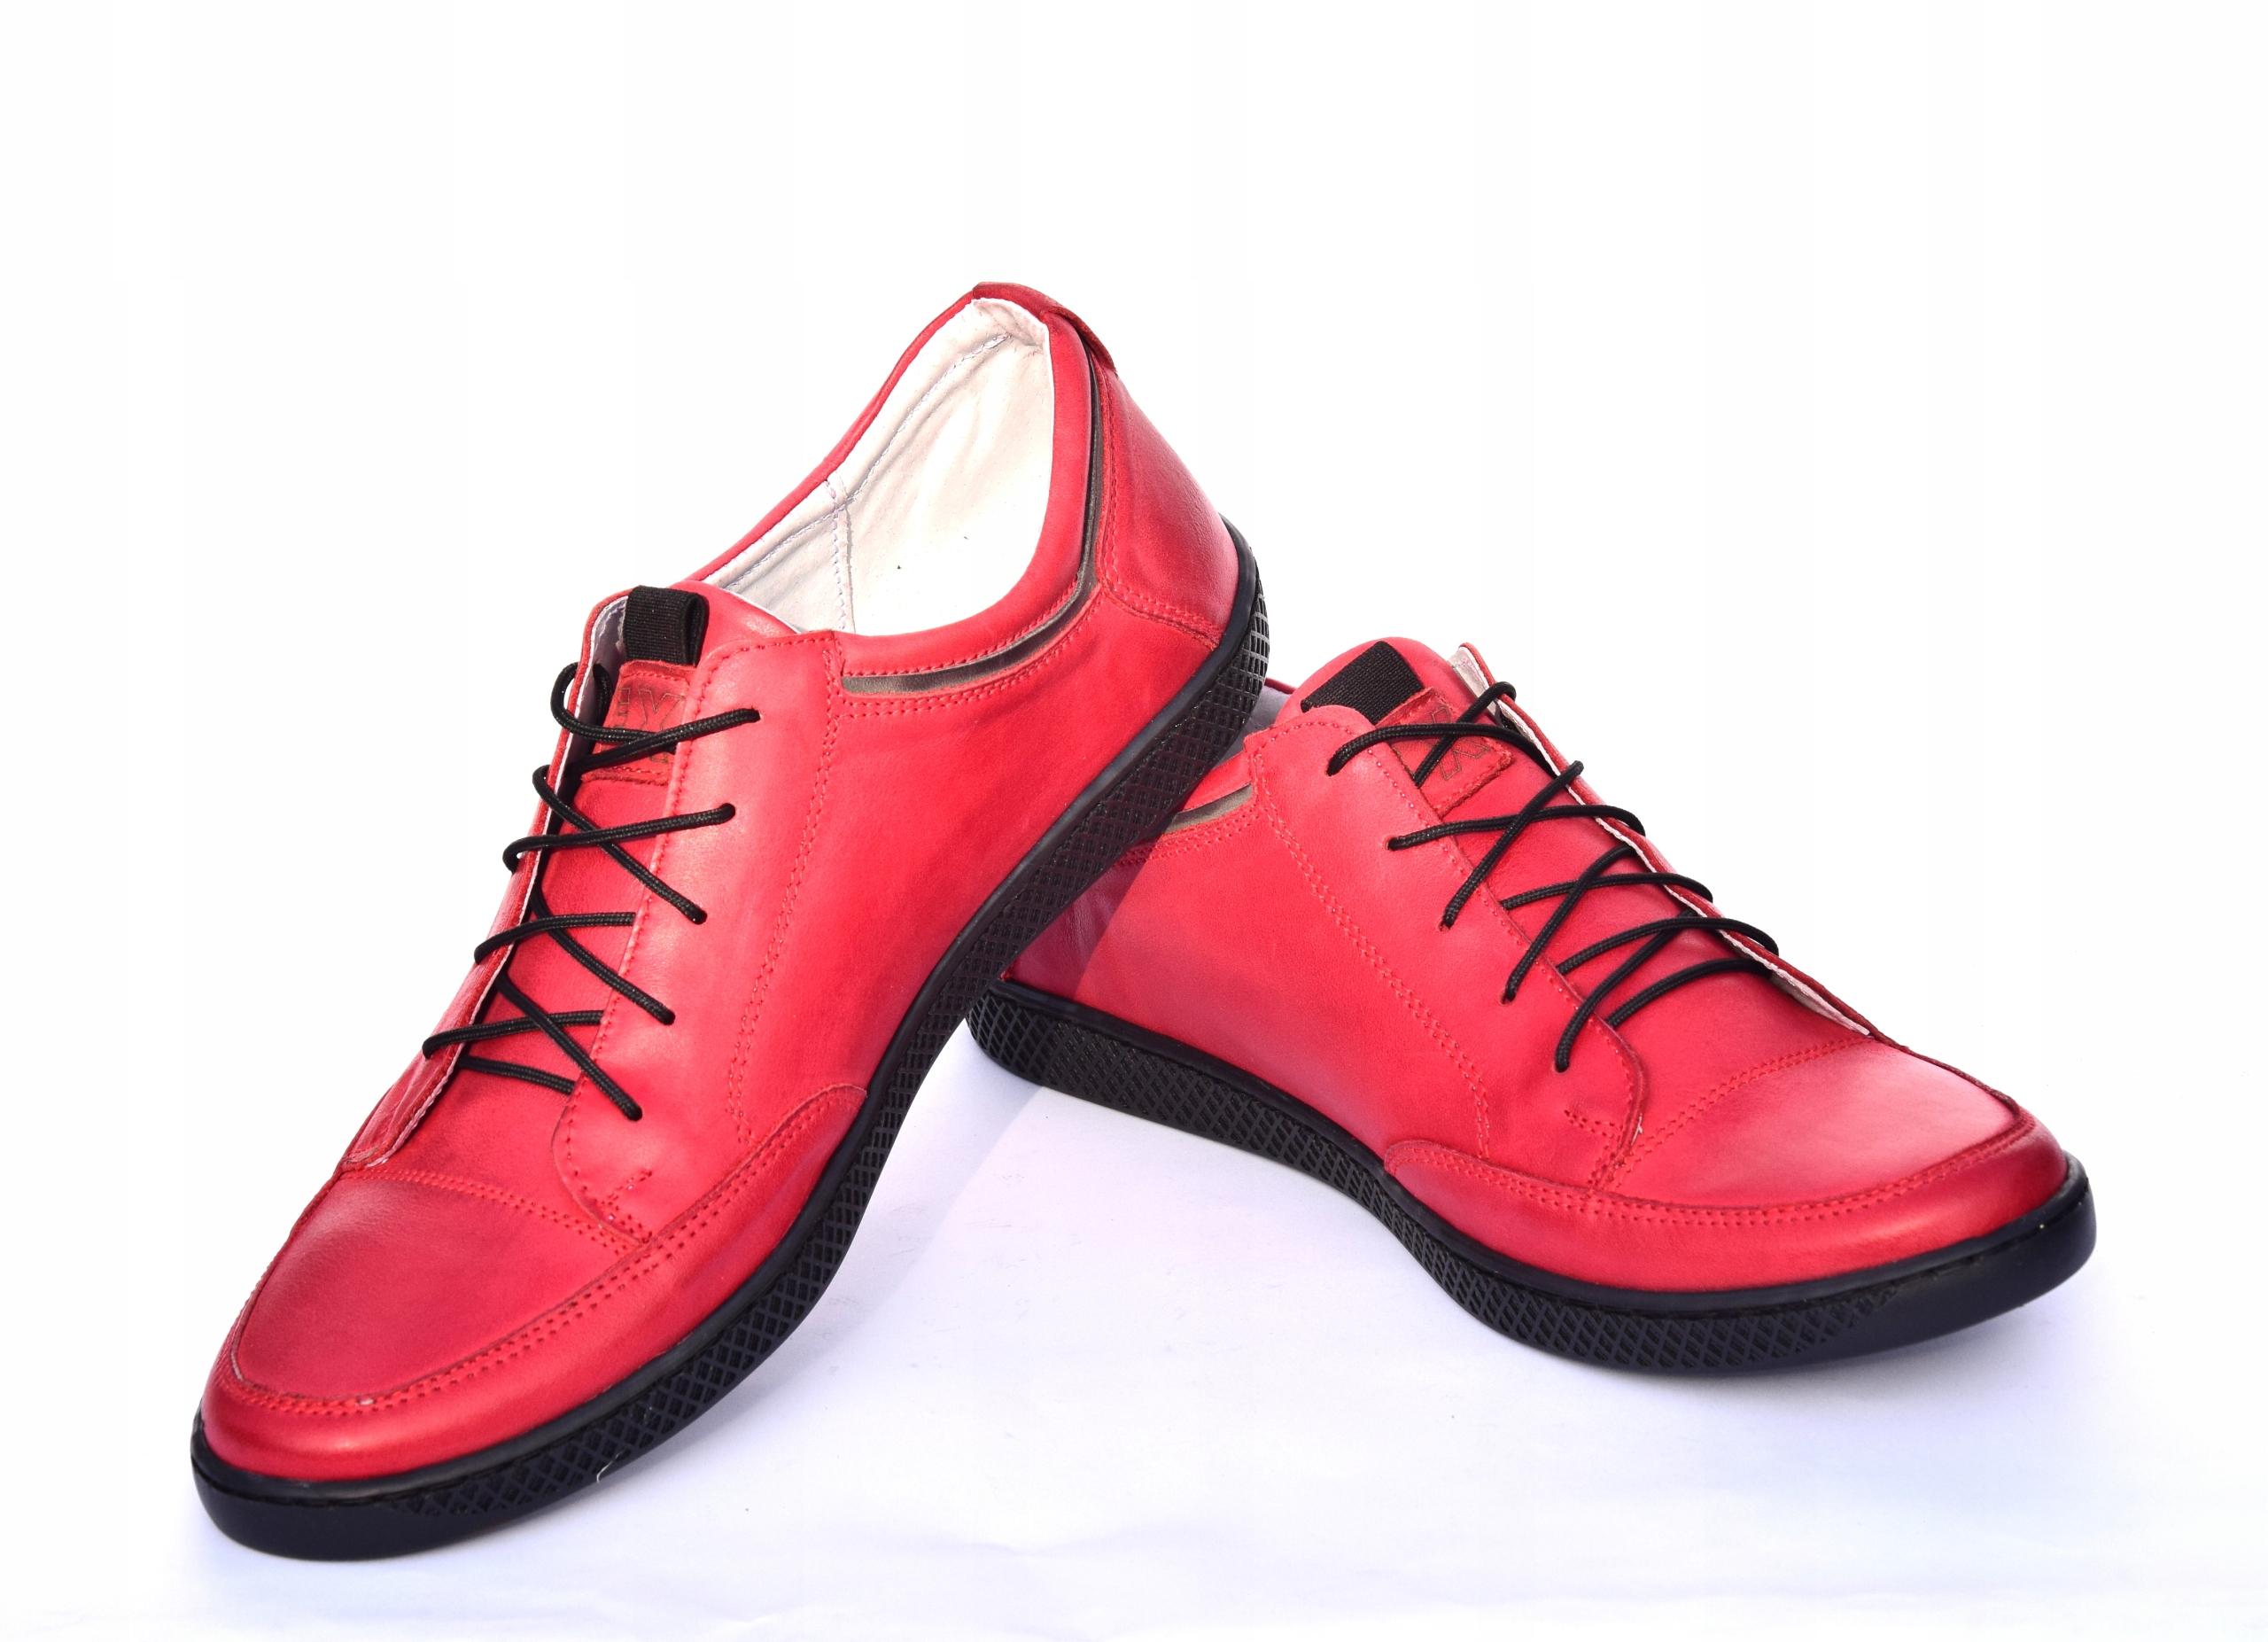 Skórzane czerwone sznurowane półbuty czerwone 0447 Okazja casual (na co dzień)